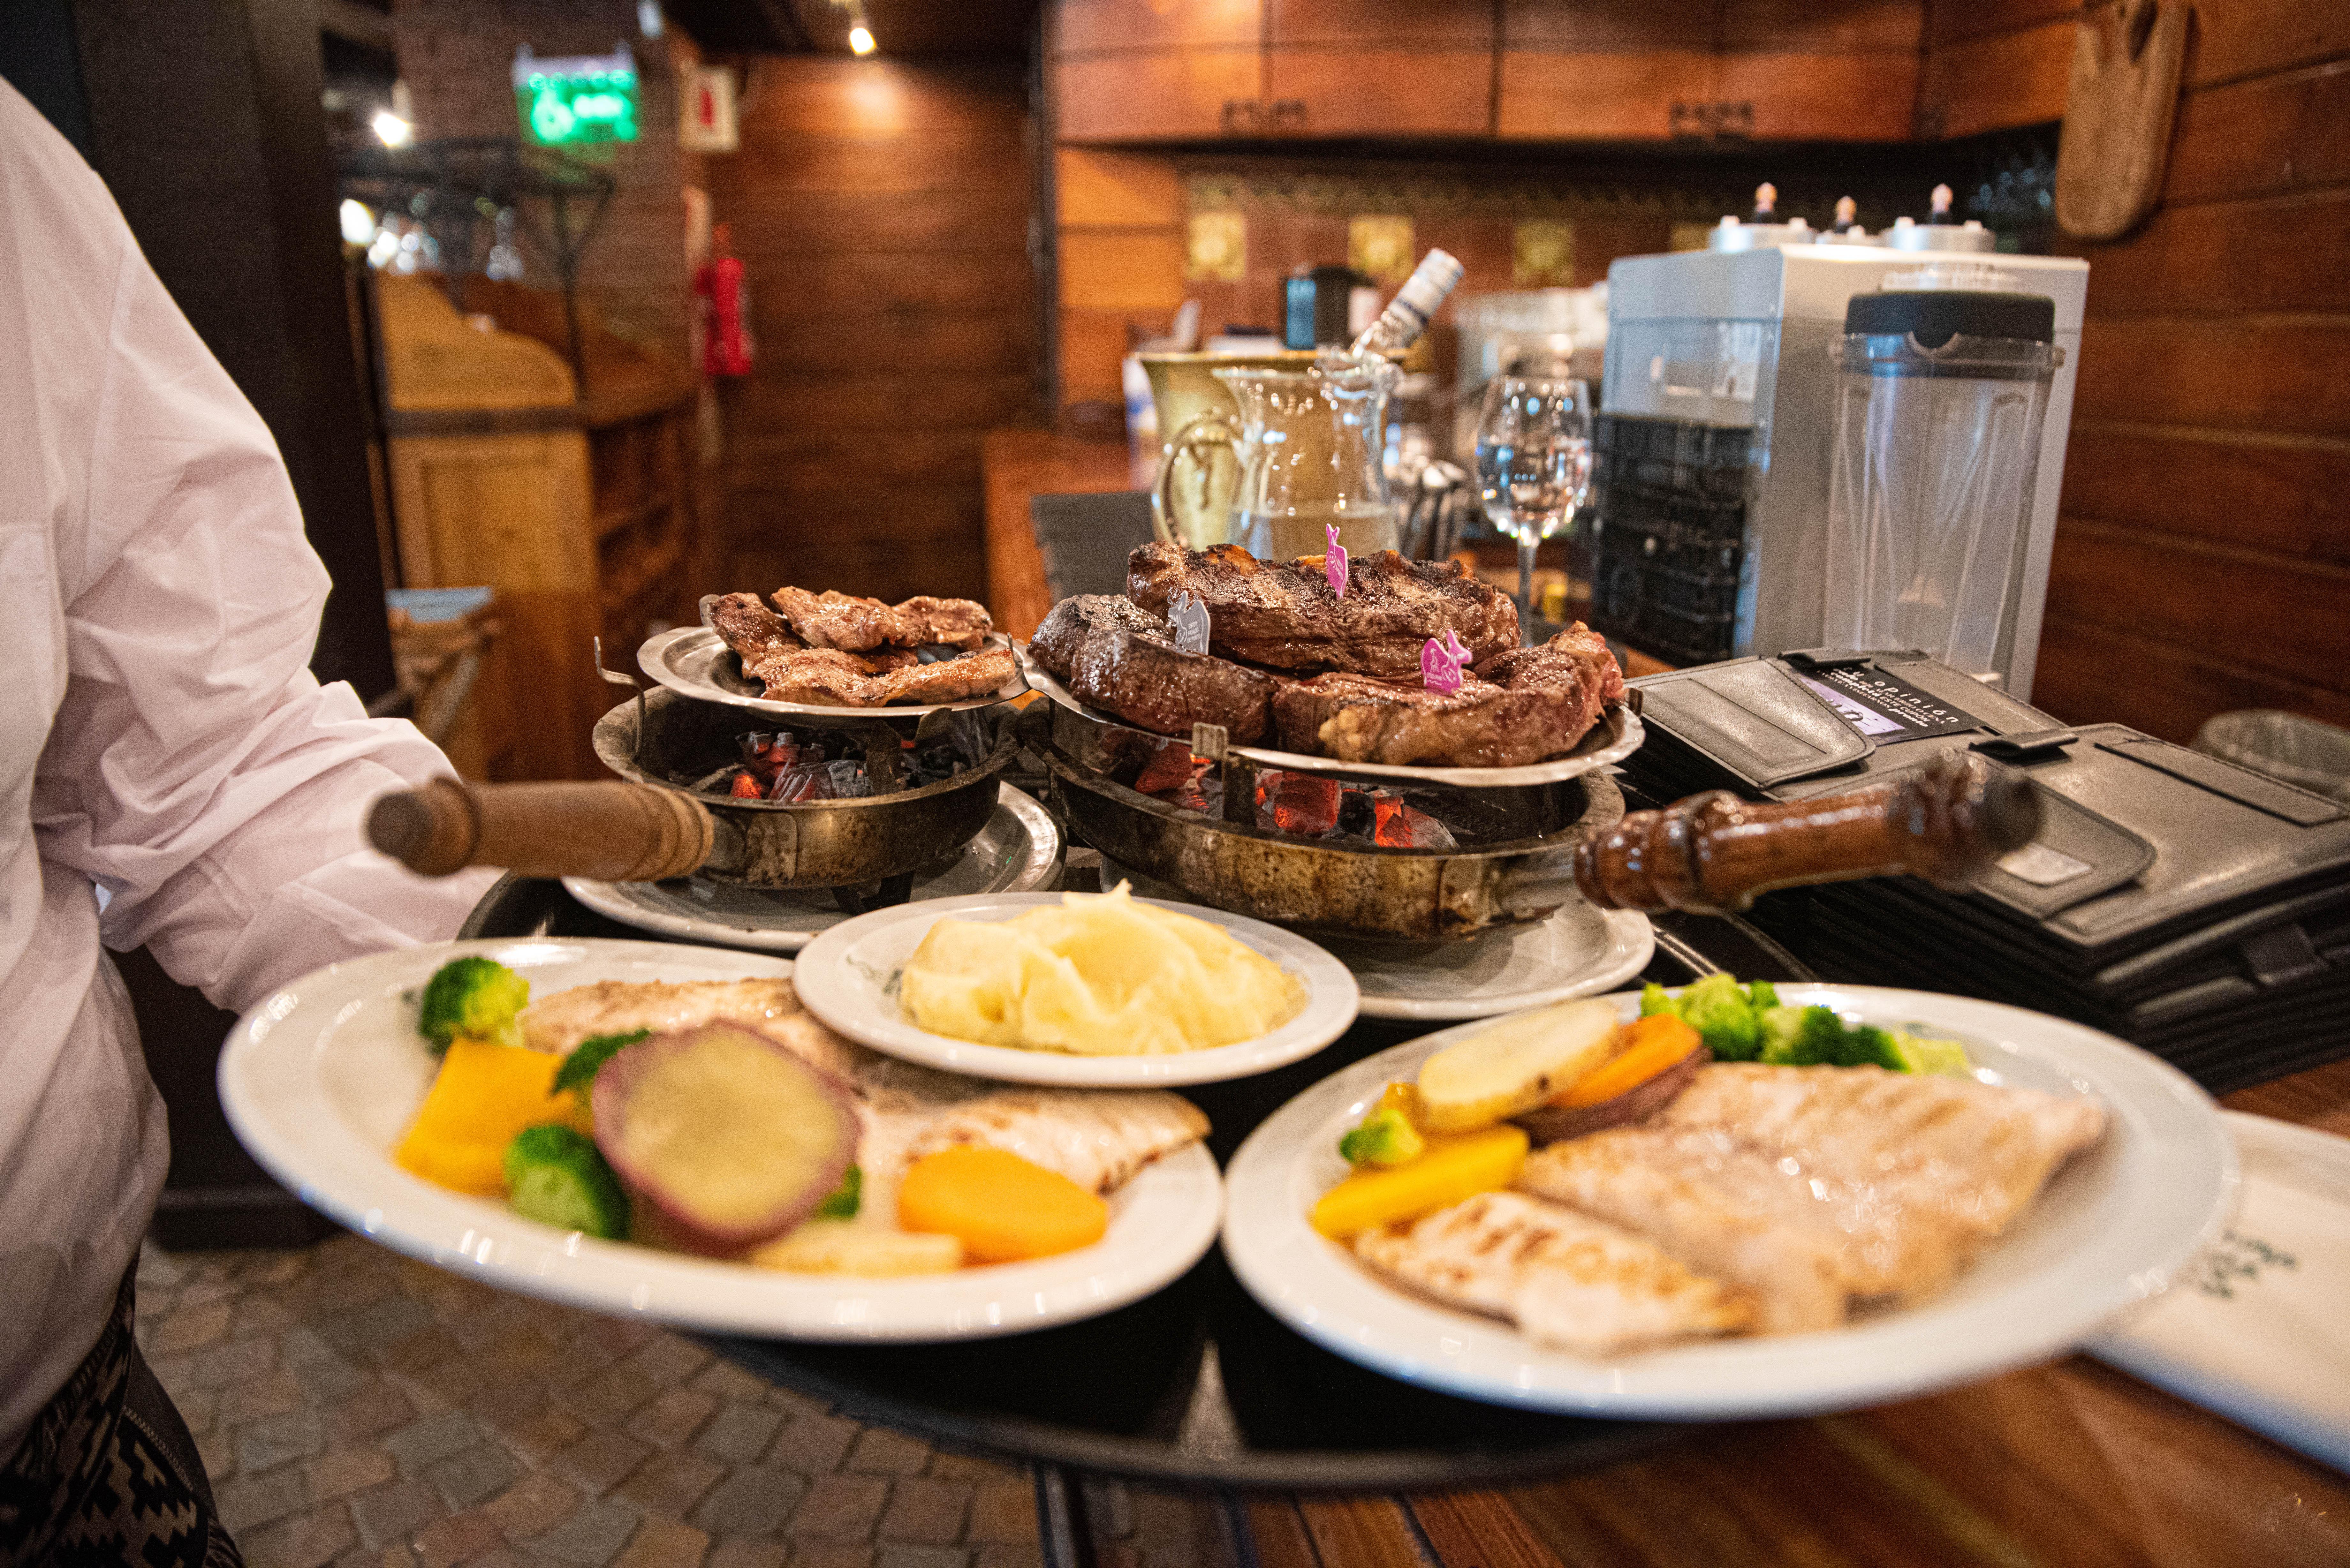 """En el 2018, fue galardonado como el restaurante con el """"Mejor Bife de Chorizo de la Ciudad"""" por la Asociación de Hoteles Restaurantes Confiterías y Cafés (AHRCC). Y ese es uno de sus cortes insignias de la casa, además del asado de tira o la solicitada entraña a las brasas."""